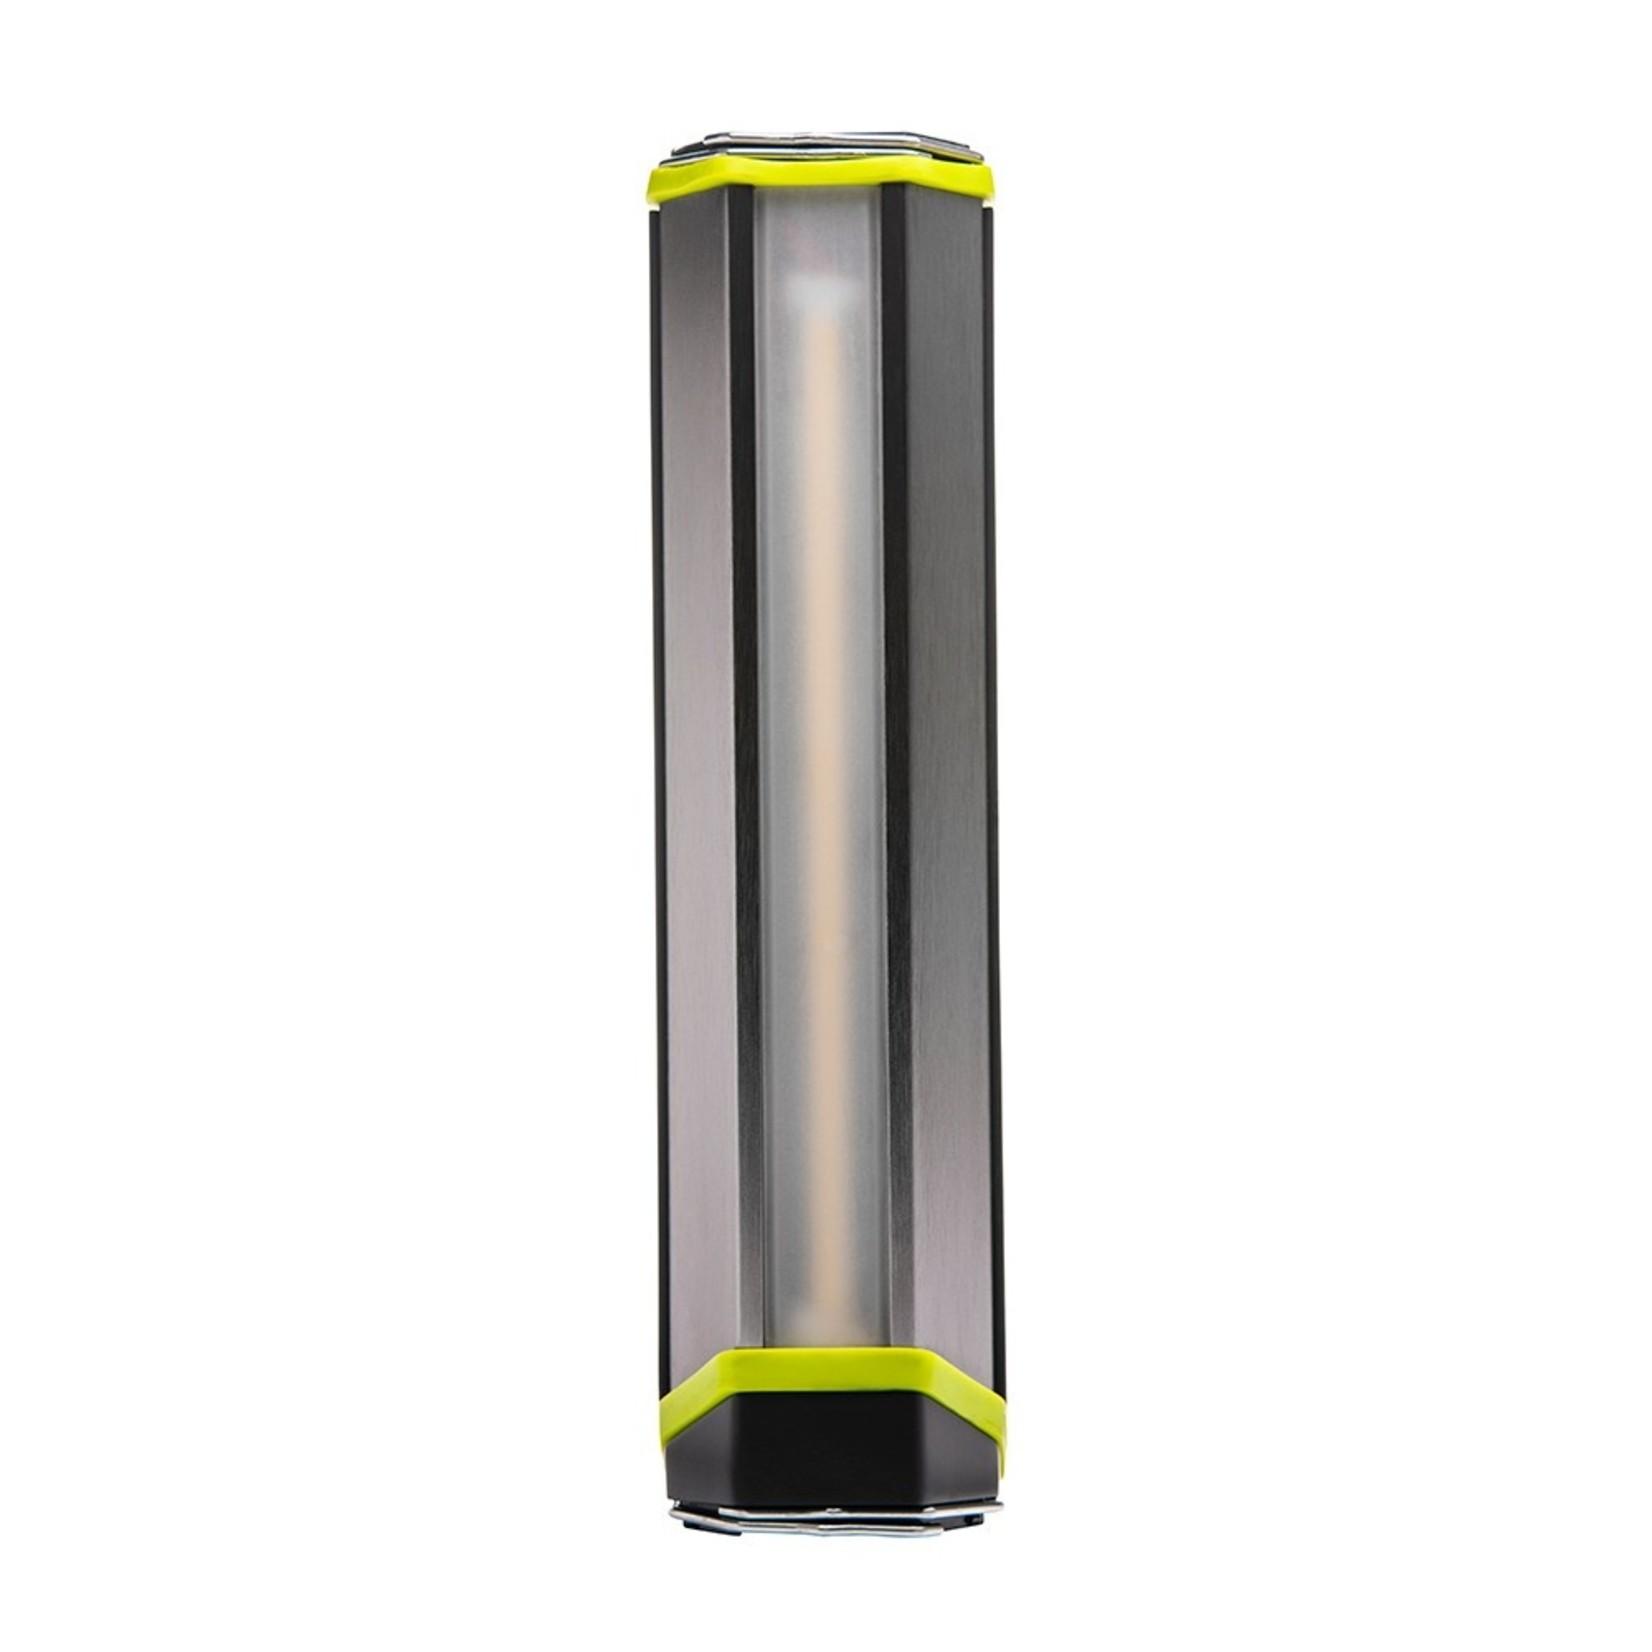 GOALZERO GOAL ZERO Torch 500 Mult-Purpose Light